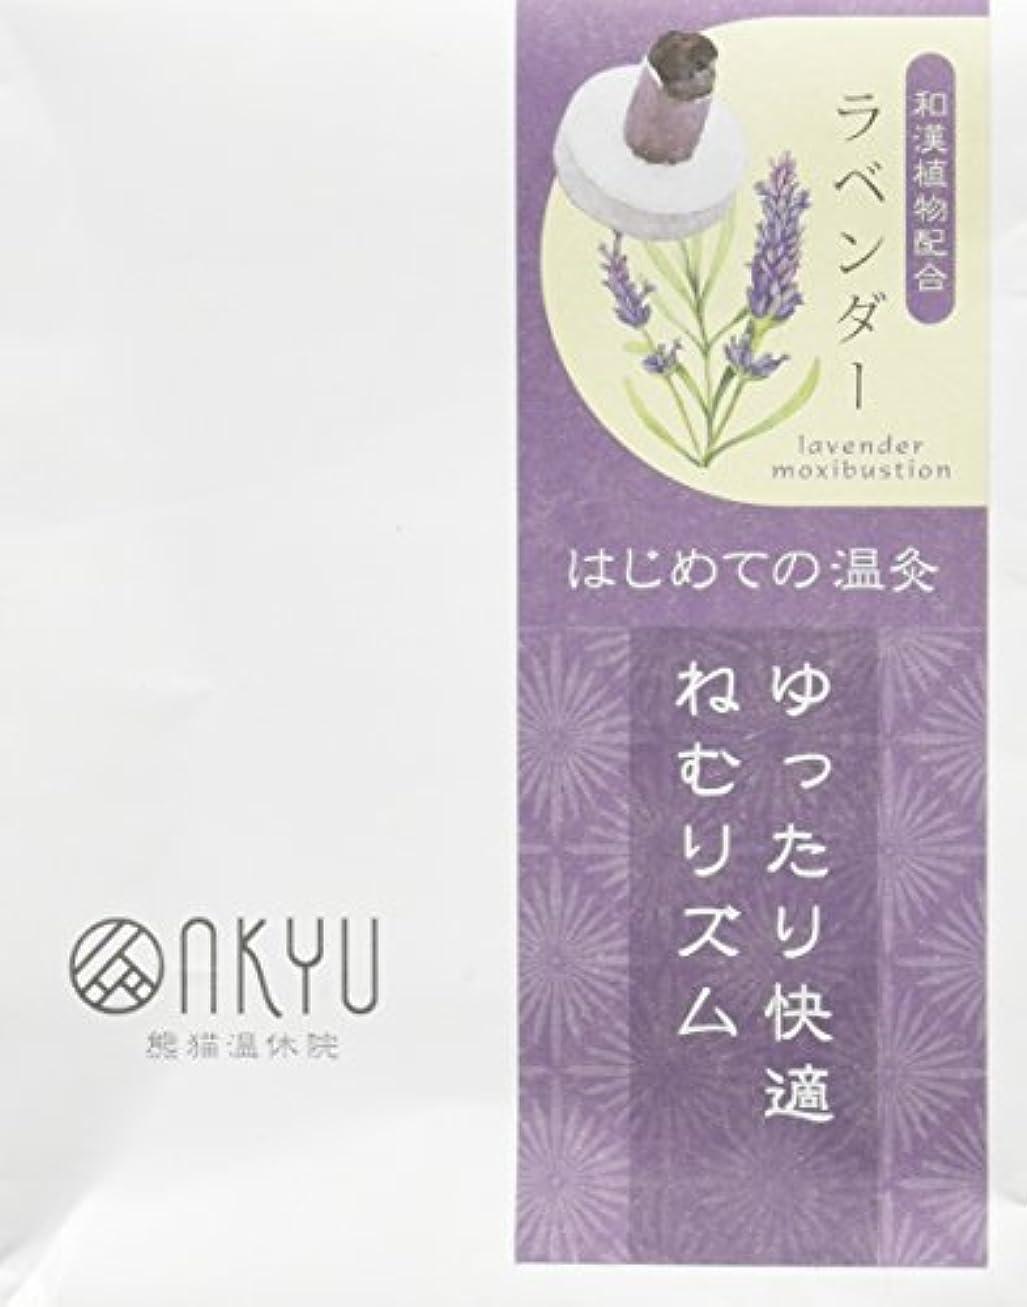 おなじみの廃棄する現像和漢植物配合 温灸 ラベンダーの温灸10粒